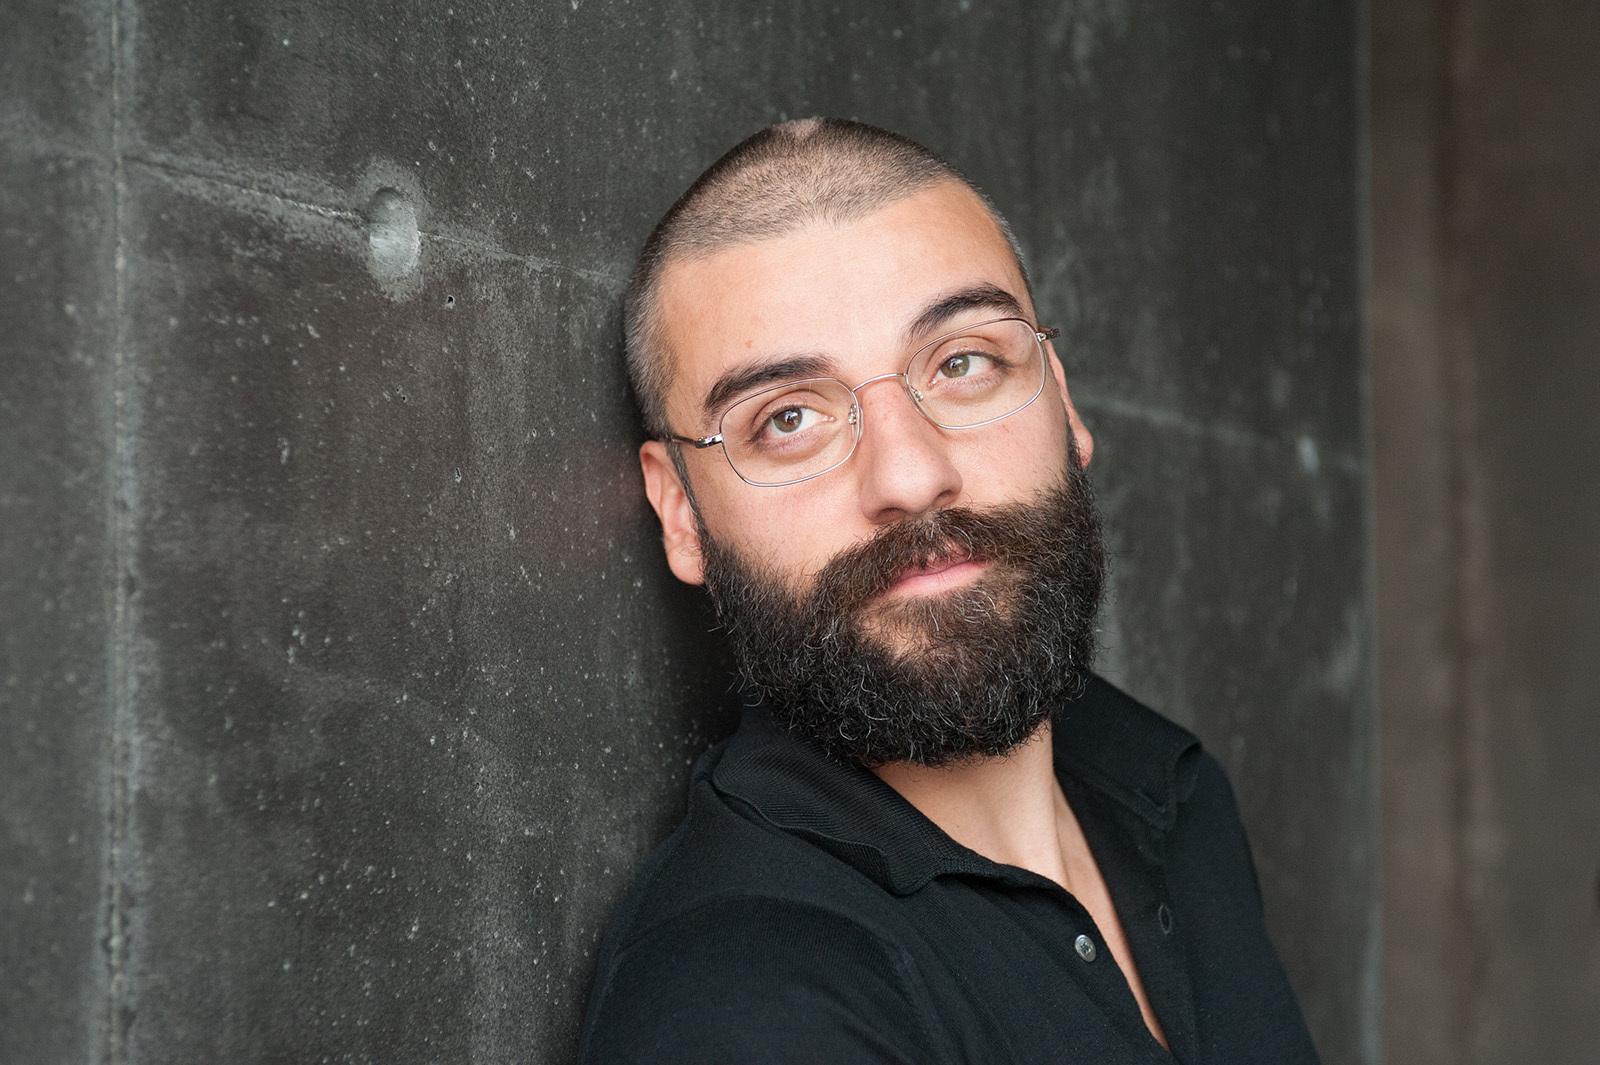 Oscar Isaac Images